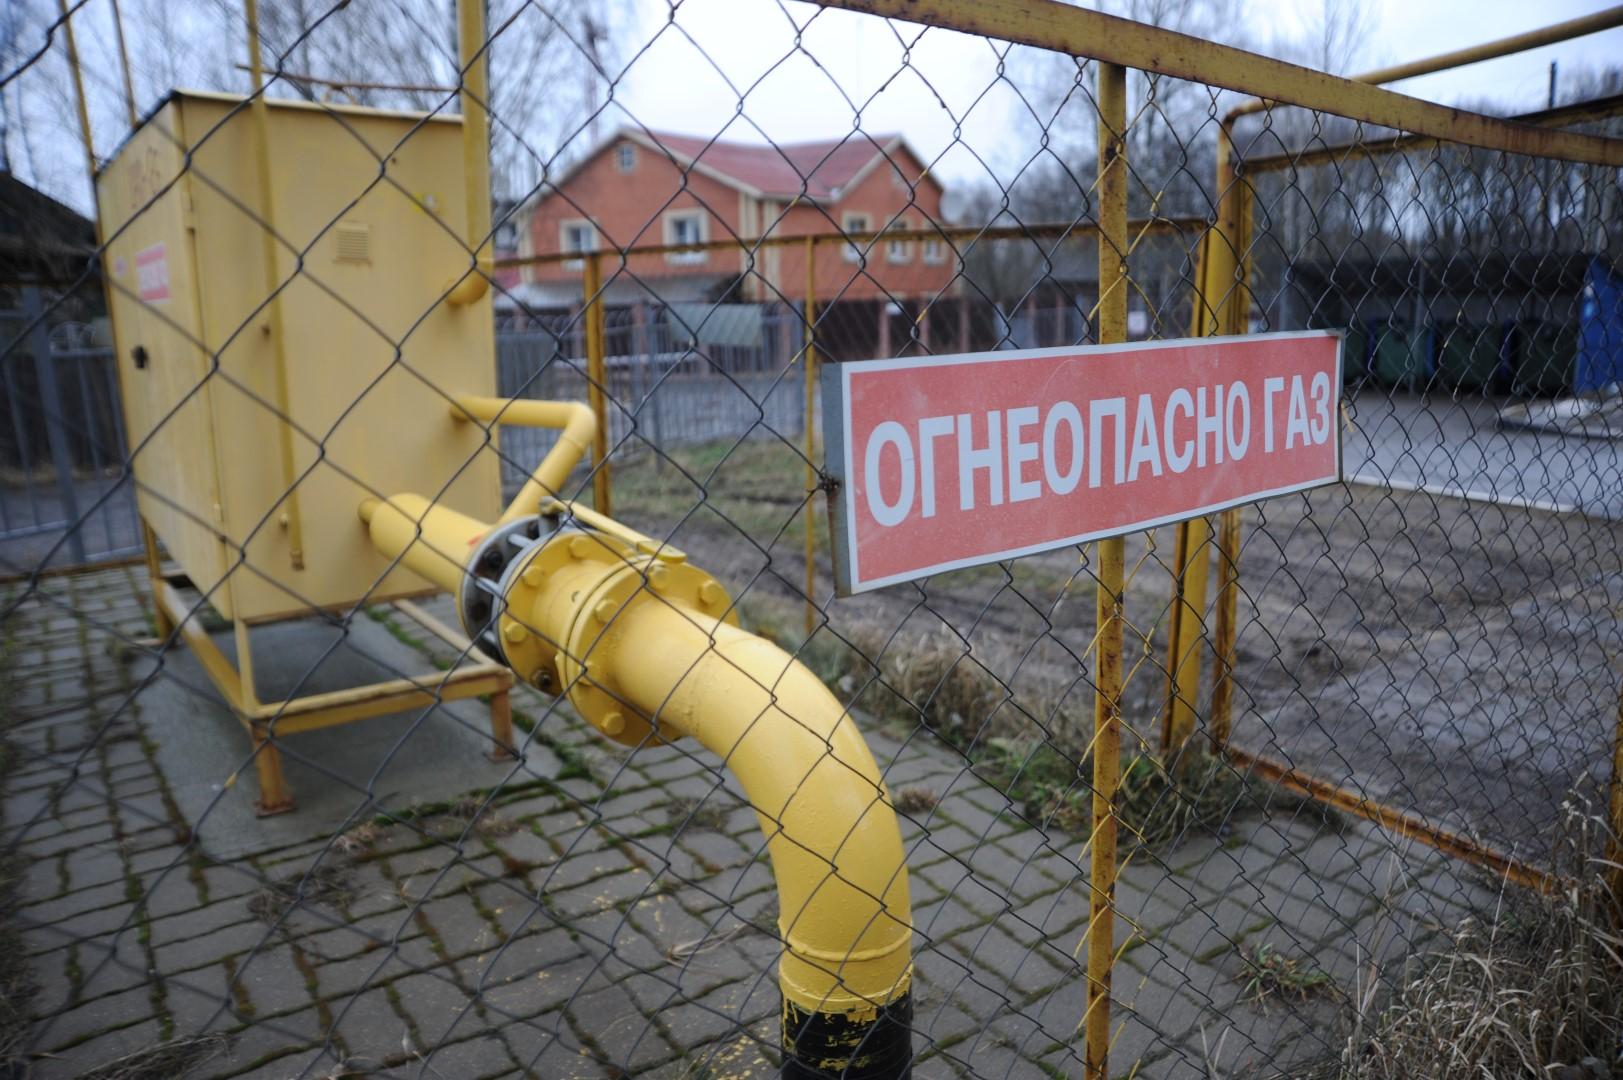 Правительство РФ поддержало инициативу «Единой России» компенсировать затраты на газификацию отдельным категориям граждан